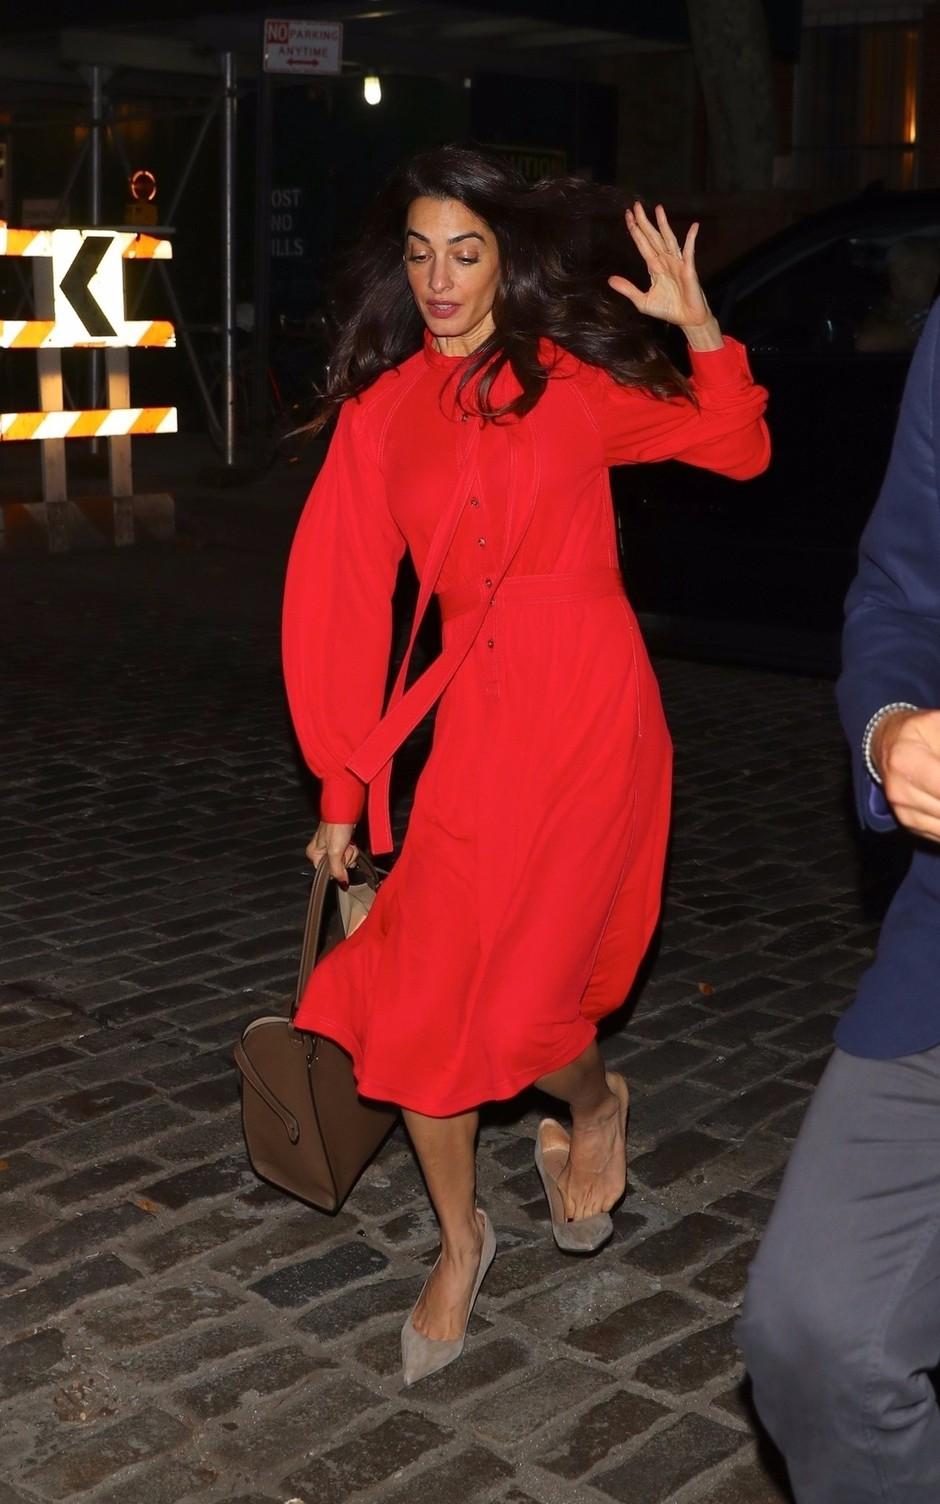 Amal Clooney v čudoviti rdeči obleki skoraj padla sredi ulice (foto: Profimedia)